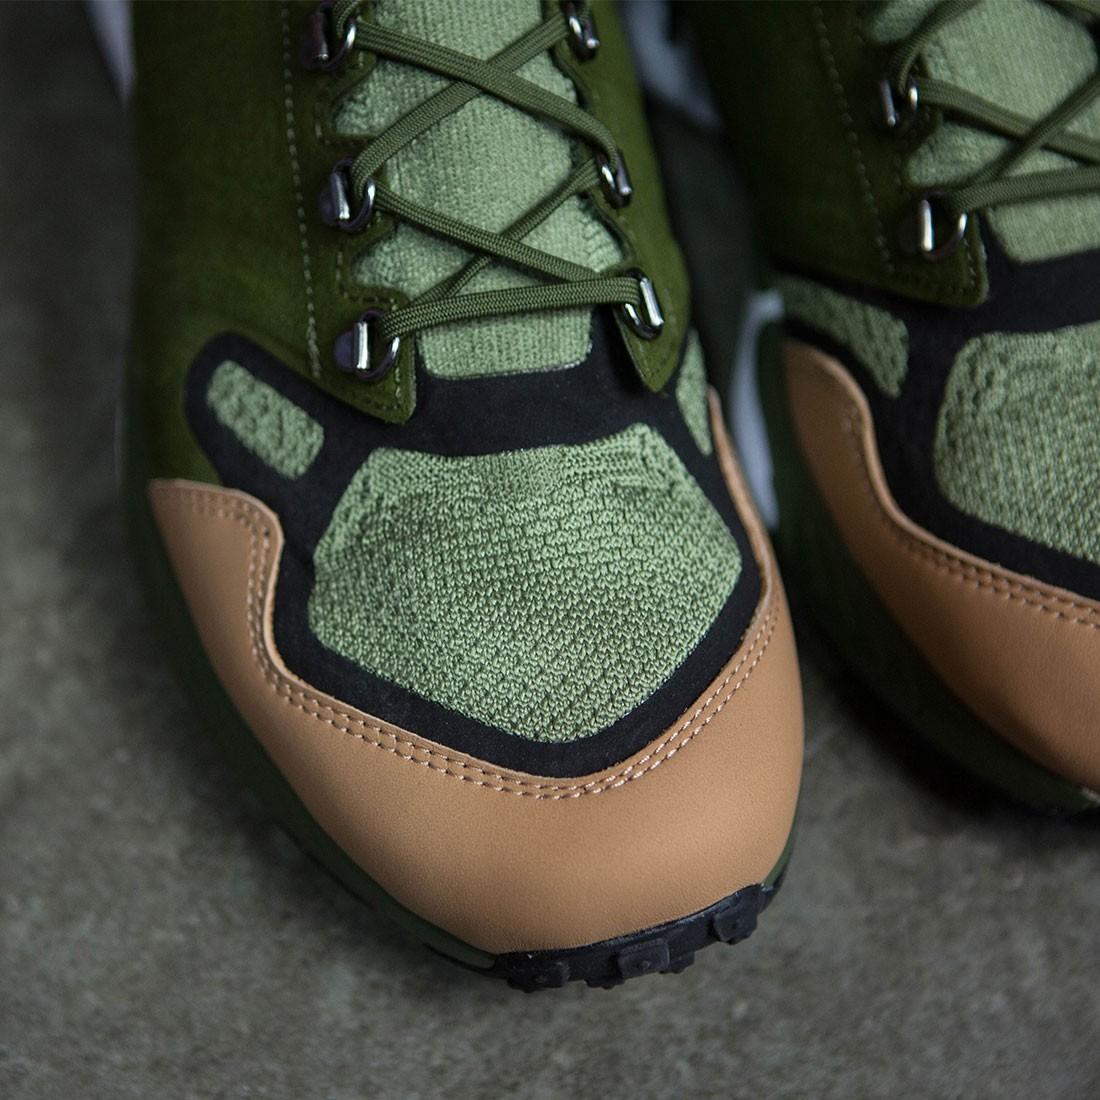 bb8927d04f16 Nike Men Air Zoom Talaria Mid Flyknit Premium (palm green   legion  green-vachetta tan)